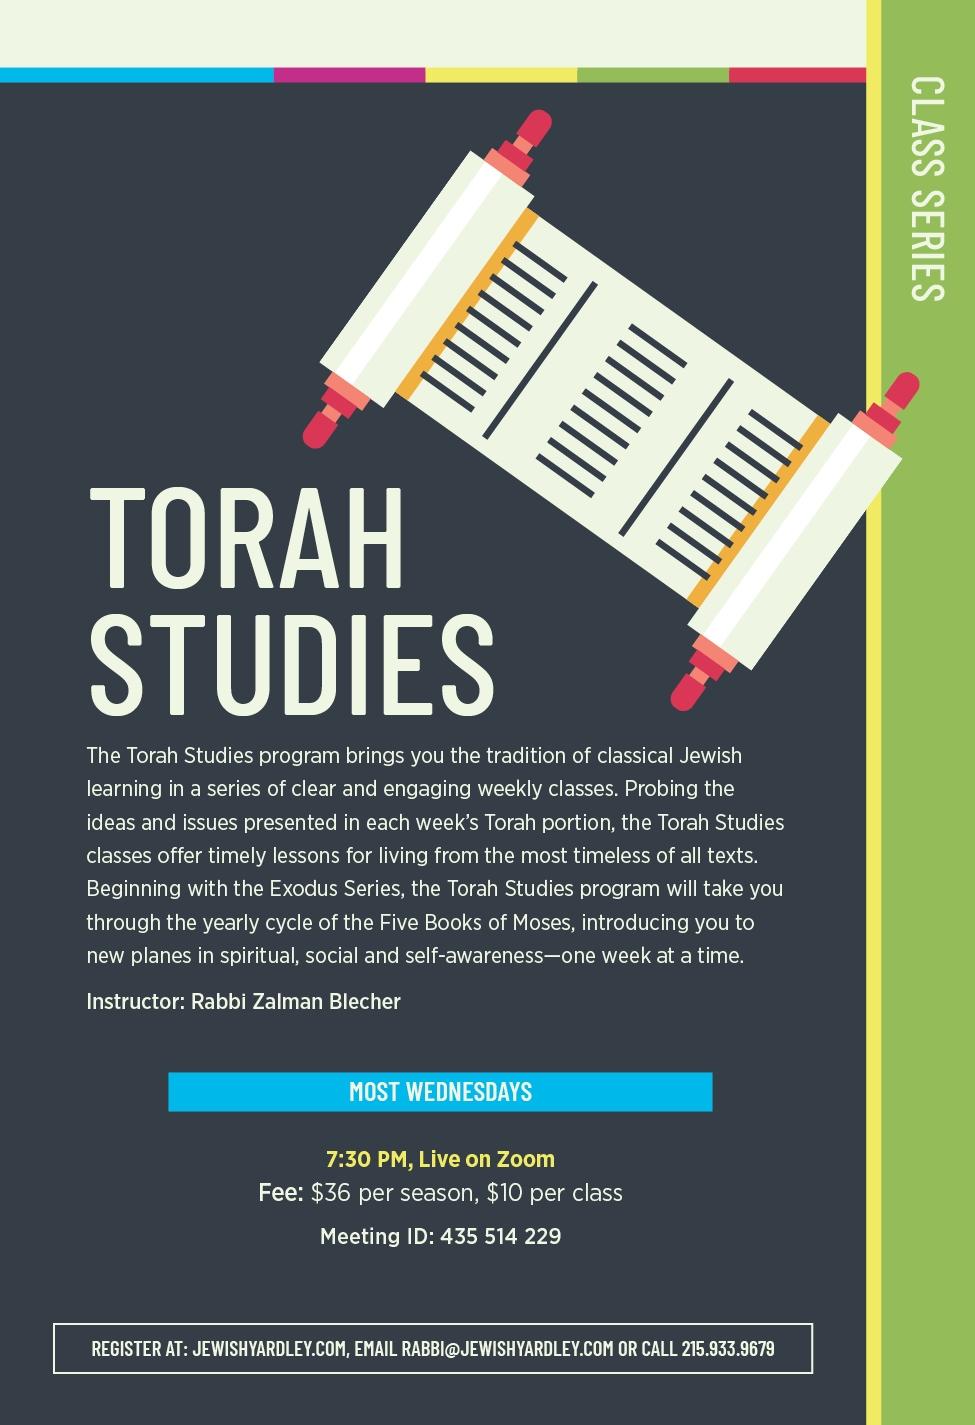 Torah Studies by Rabbi Zalman Blecher